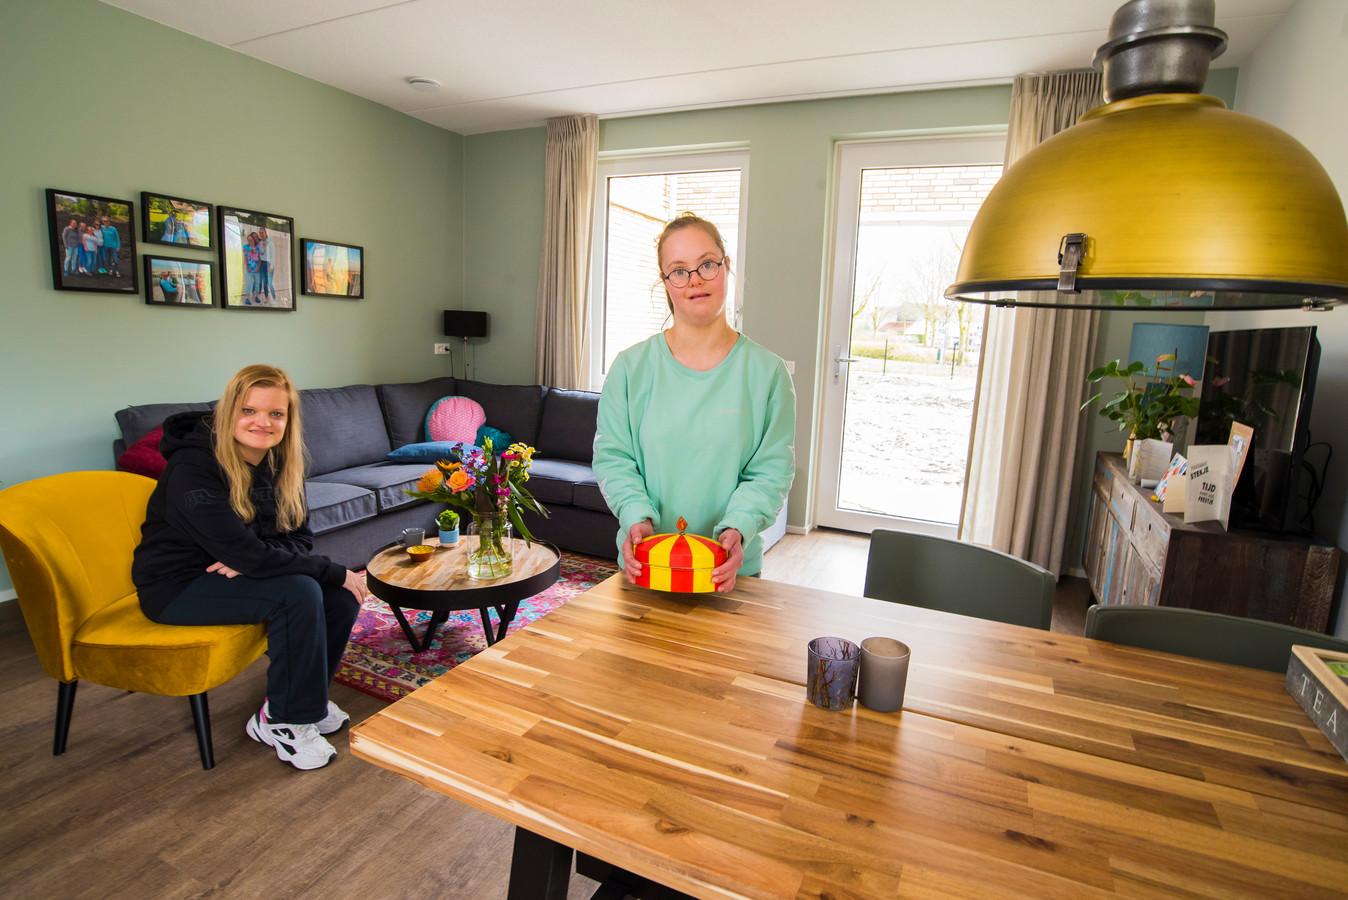 Kersverse bewoners Sharina (links) en Fleur zijn heel blij met hun nieuwe onderkomen in complex De Hooiberg. Een groot voordeel: de familie woont ook in de wijk Stroom Esch.